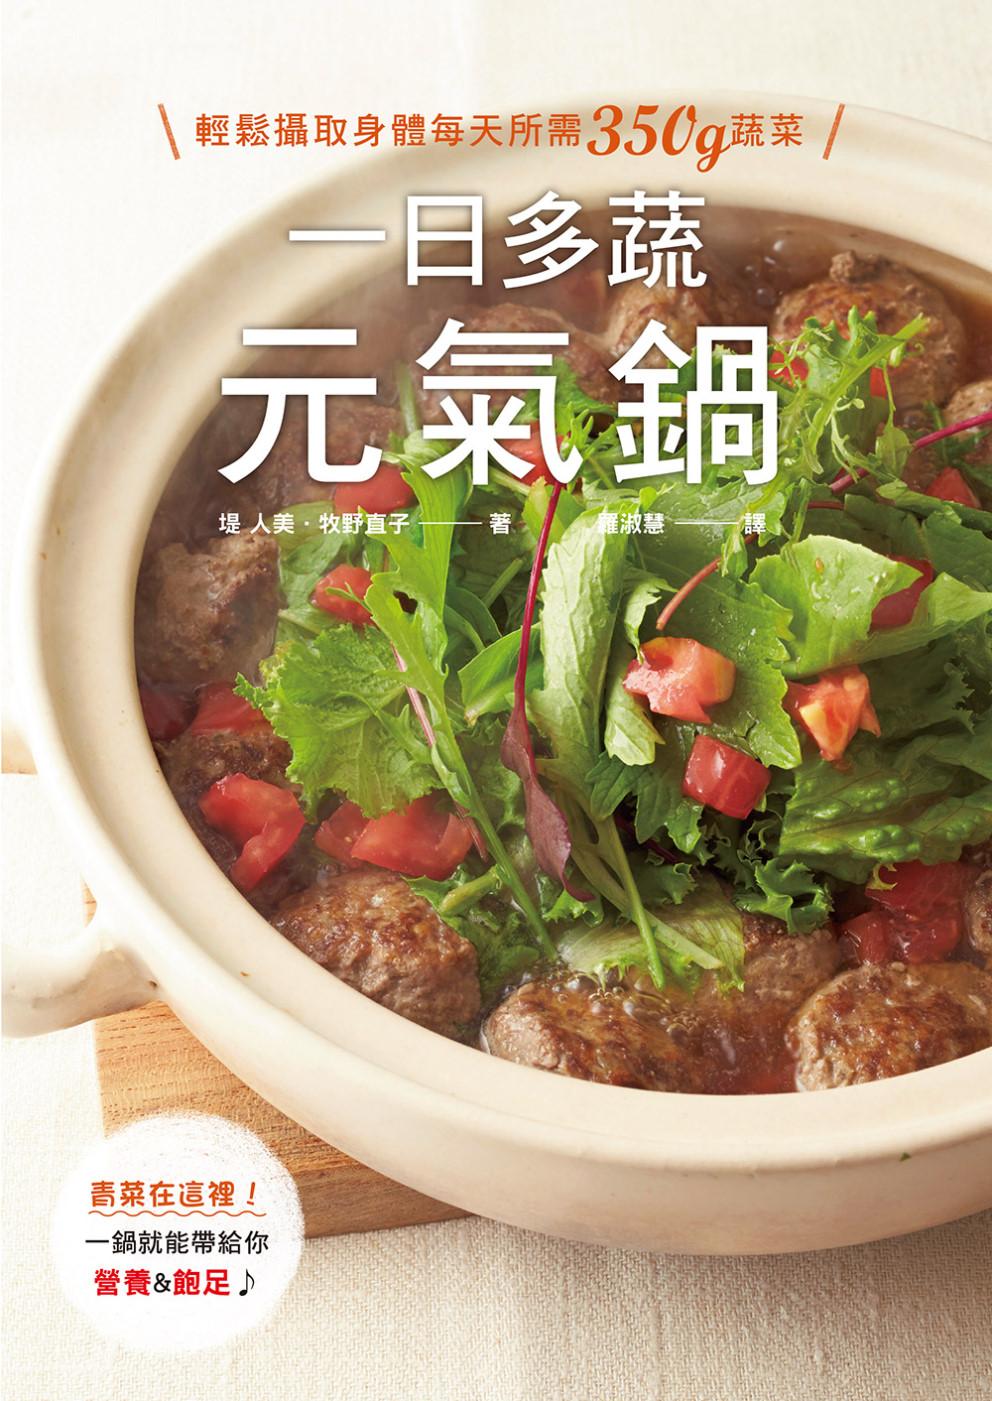 一日多蔬元氣鍋:輕鬆攝取身體每天所需350g蔬菜,一鍋就能帶給你營養 飽足♪